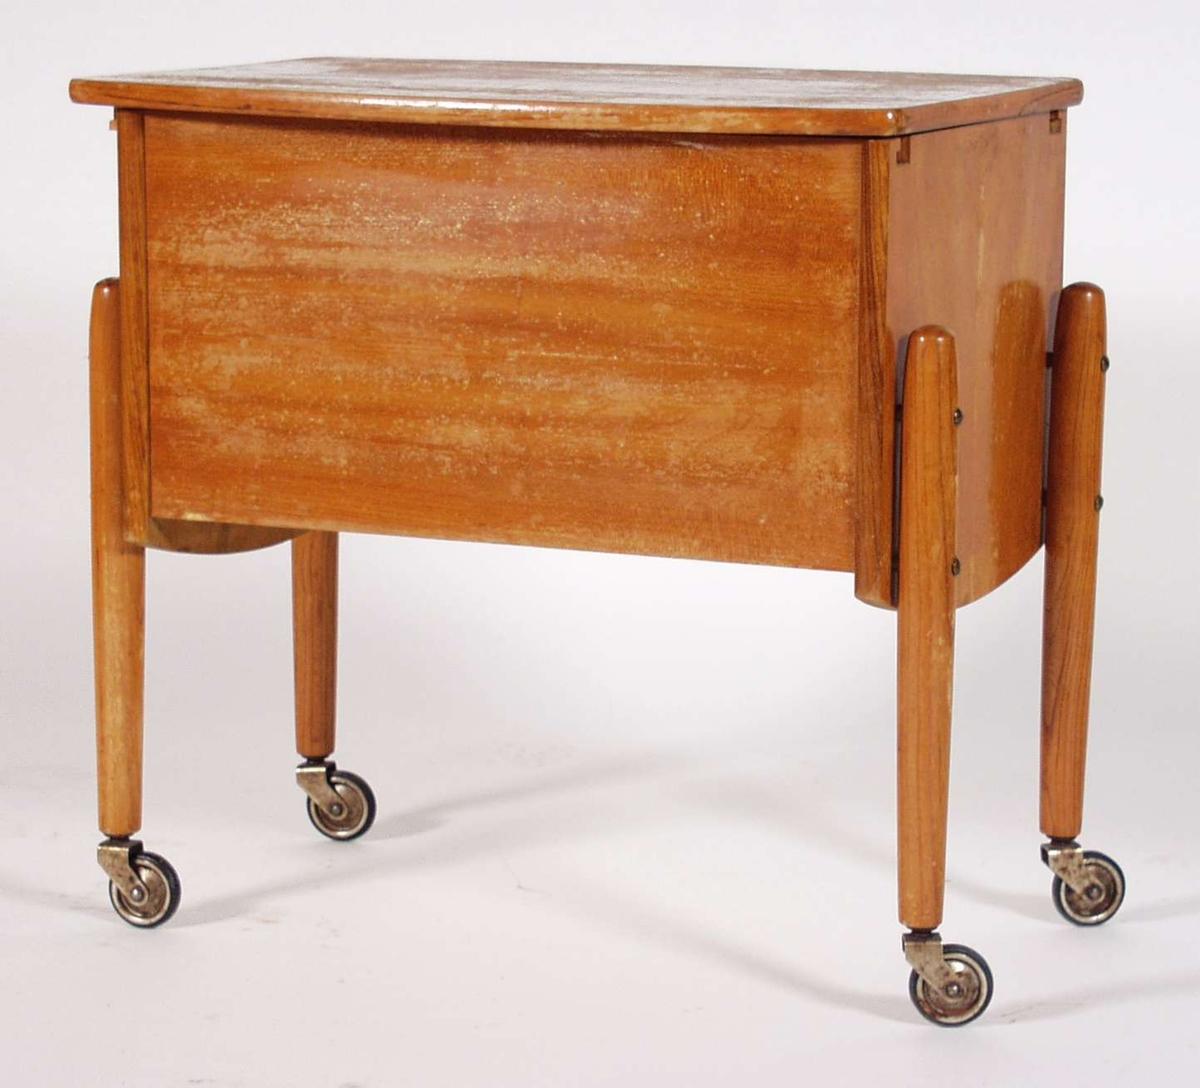 Et sybord i bjørk og eikefinér. Bordplaten erskyvbar til begge sider og en skillevegg tvers over på midten i sargen. Bena er påskrudde med hjul. Bordet er lakkert.